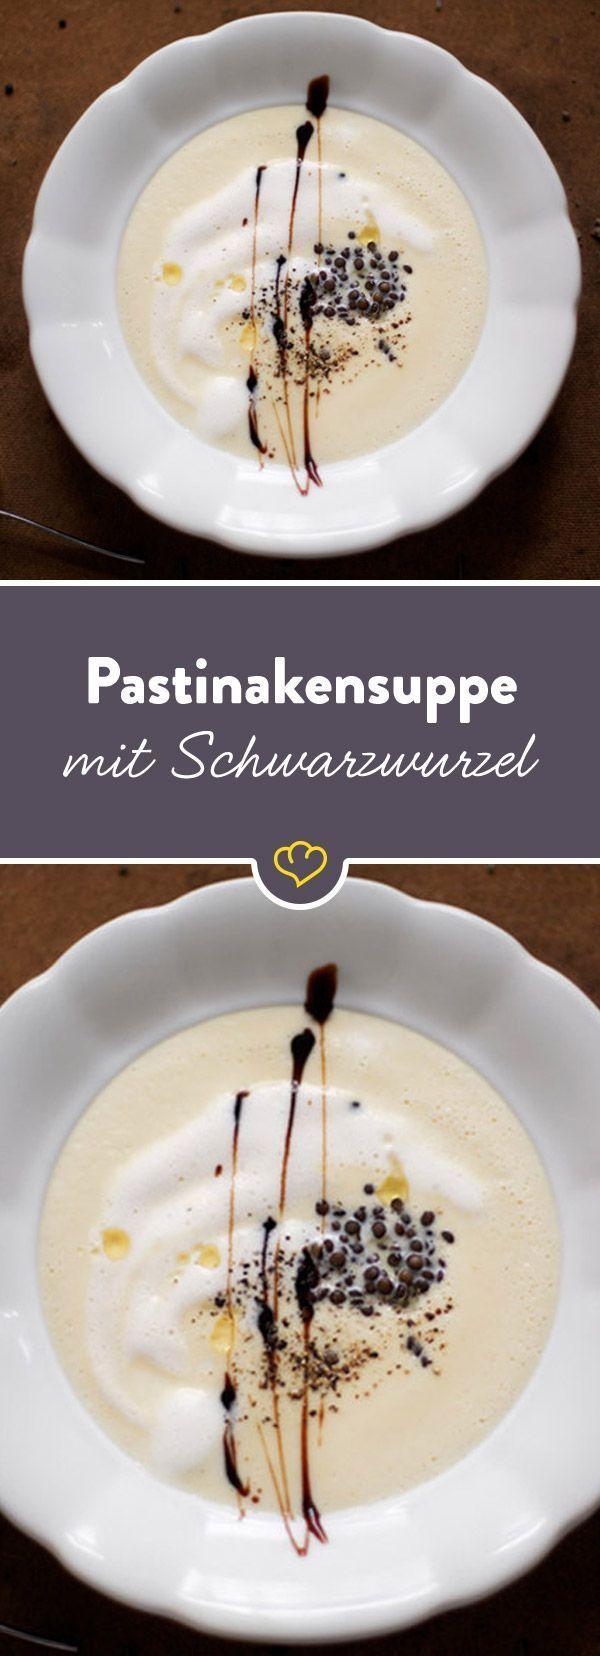 Schwarzwurzel-Pastinaken-Suppe ganz in Weiß